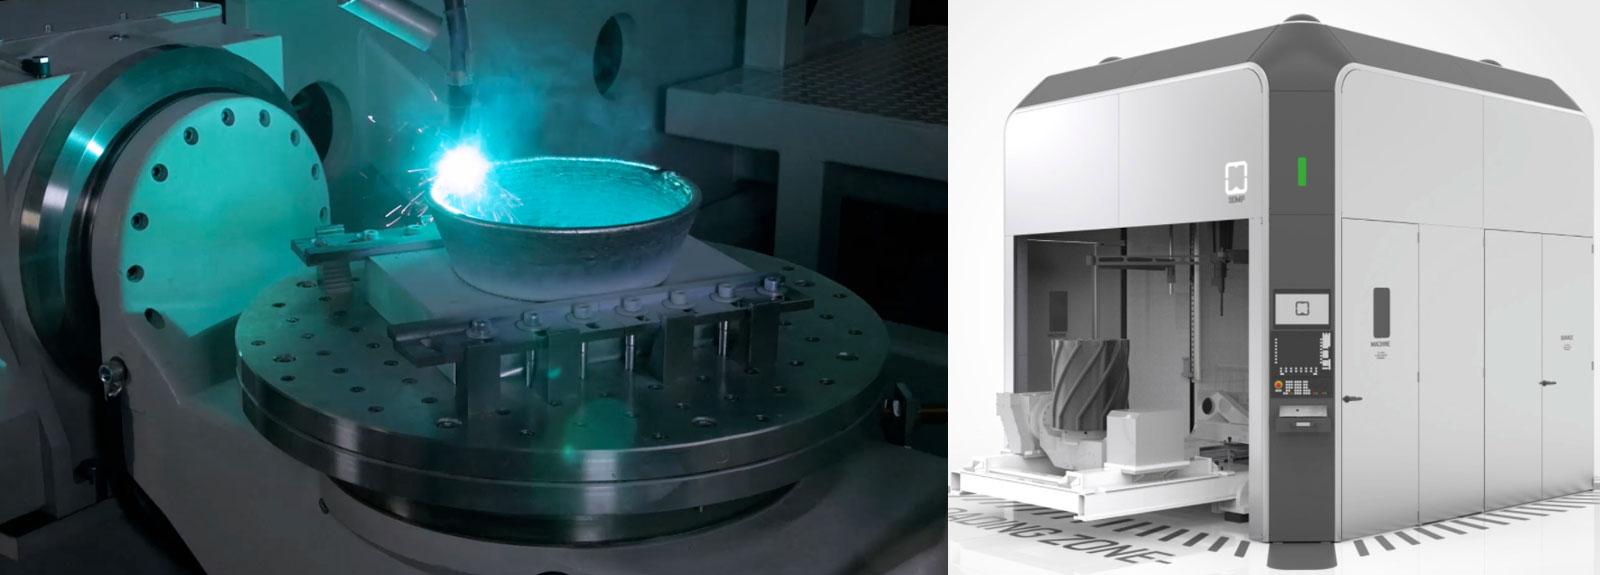 Siemens setzt auf neuartiges Metall-3D-Druckverfahren unseres Netzwerkmitglieds GEFERTEC